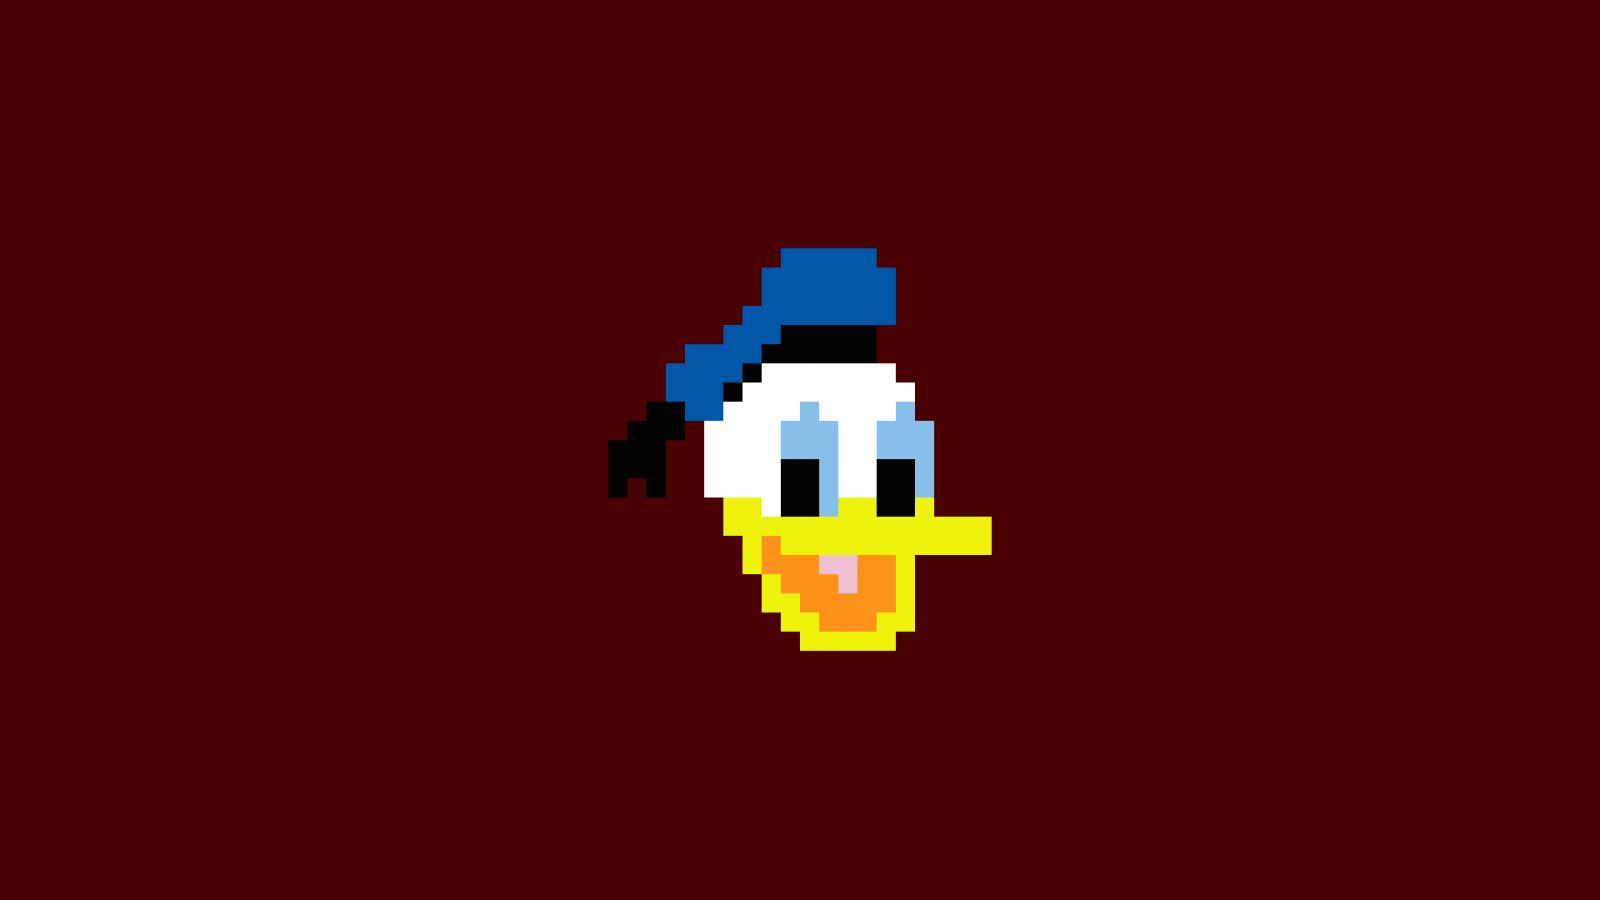 fond d 39 cran illustration donald duck pixel art texte logo pixels marque capture d. Black Bedroom Furniture Sets. Home Design Ideas